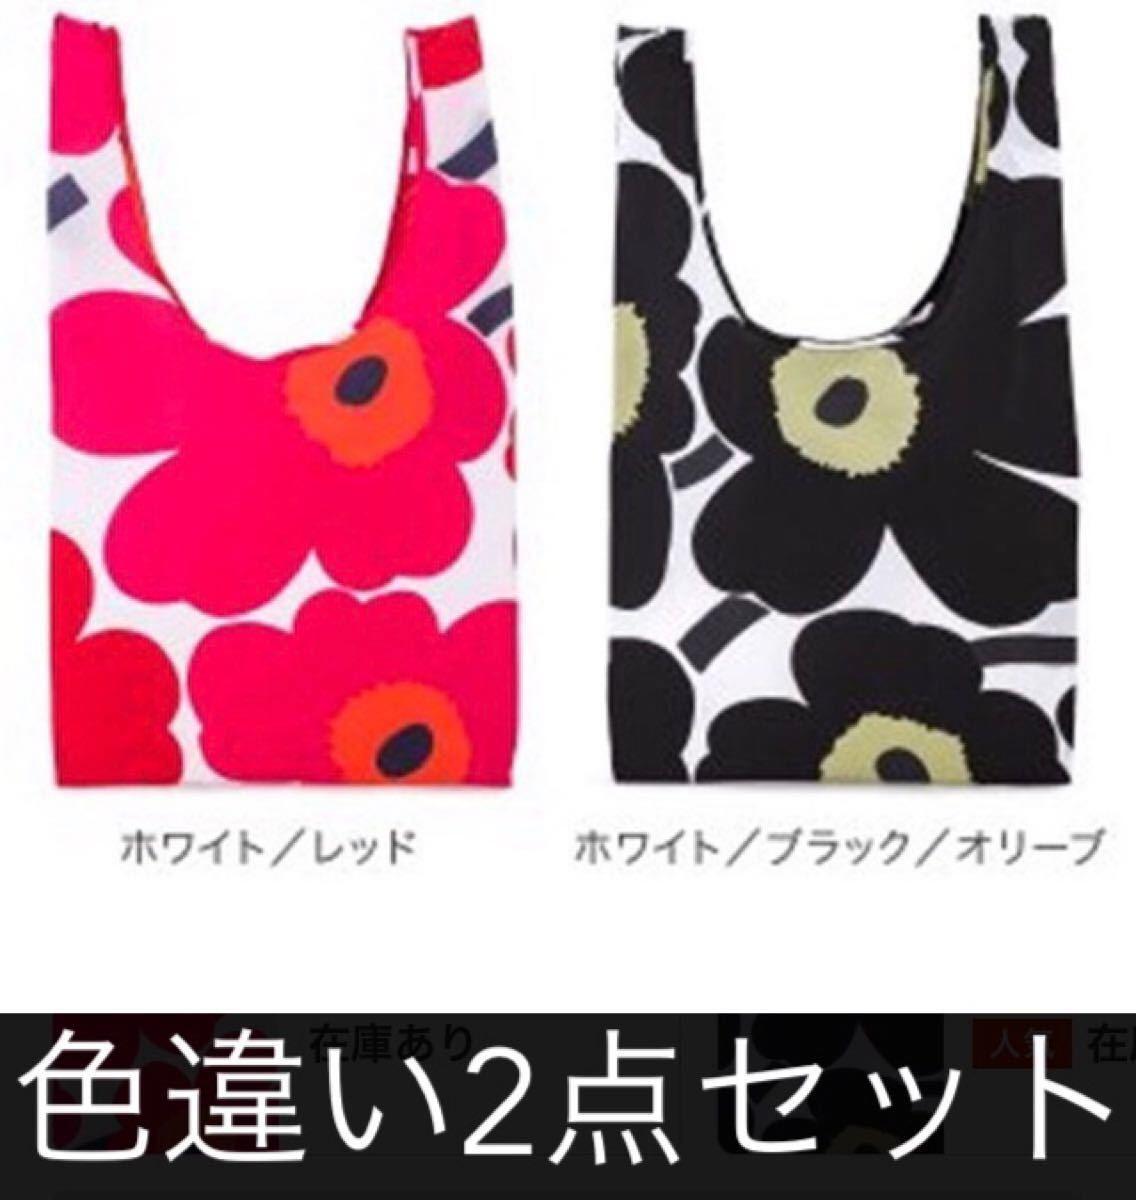 【未開封品】マリメッコ エコバッグ 色違い2点セット Marimekko スマートバッグ 買い物バッグ  北欧 トートバッグ